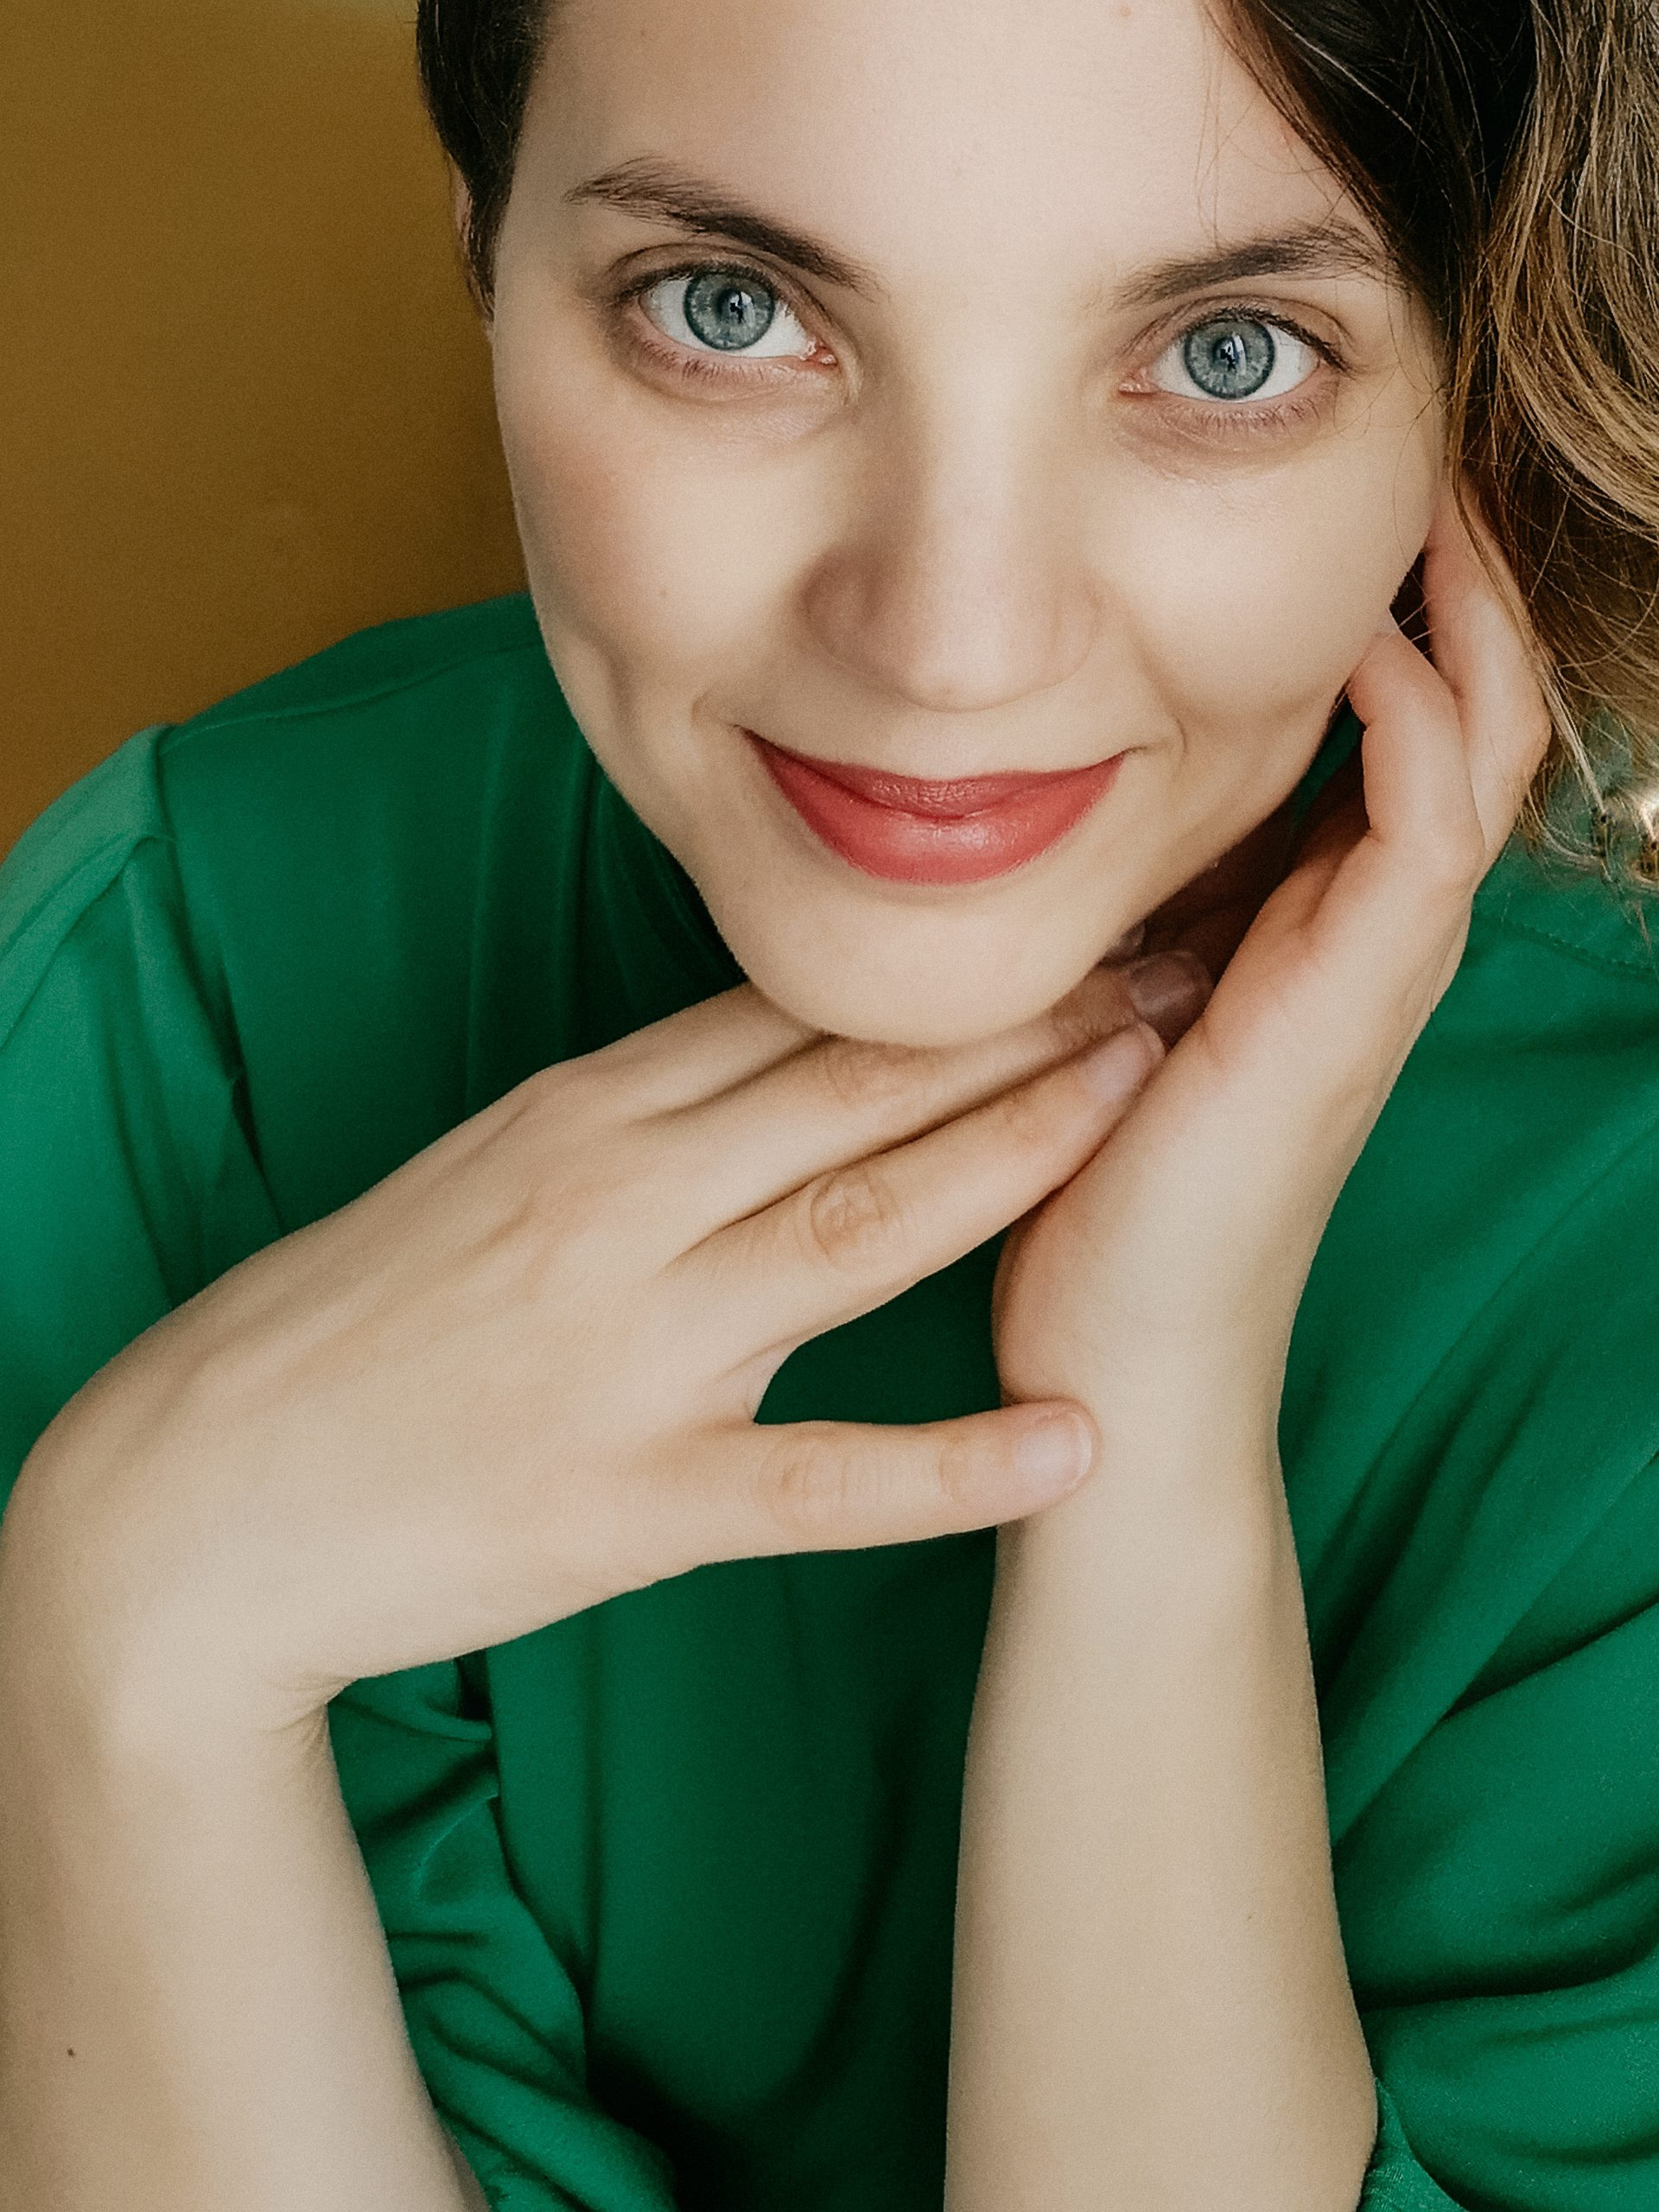 Portrait de jeune femme qui sourit lors d une seance photo a distance